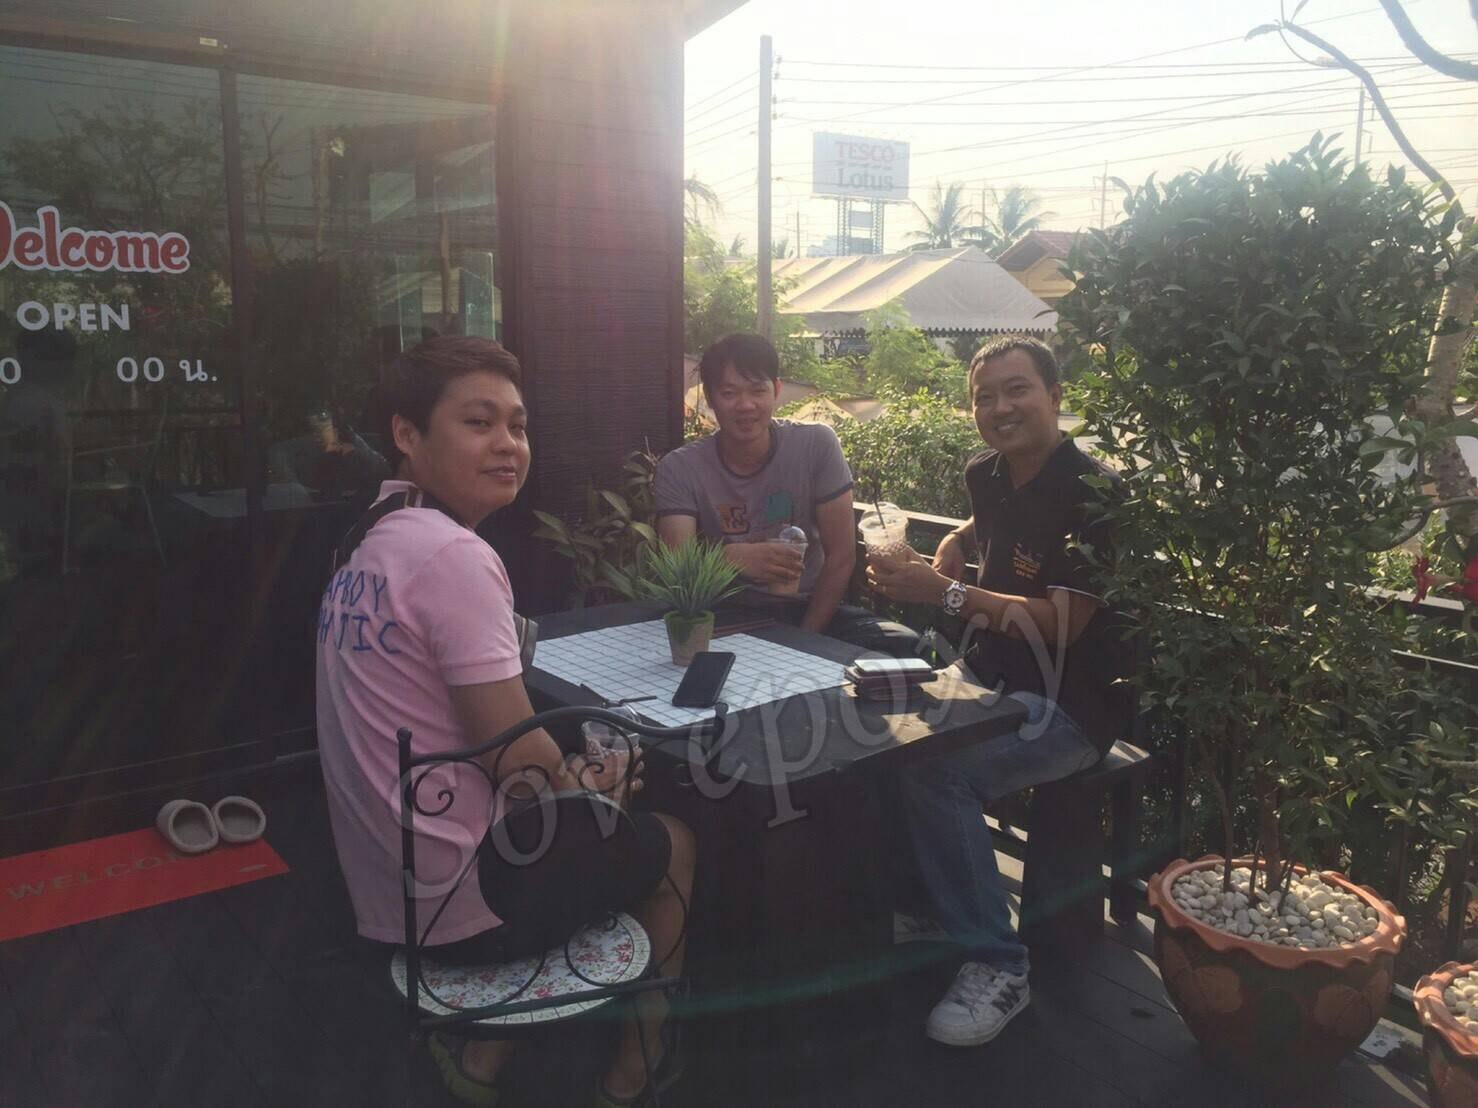 SOV & Coffee Chillเปิดให้บริการแล้วในโซนของ ร้านกาแฟ 11